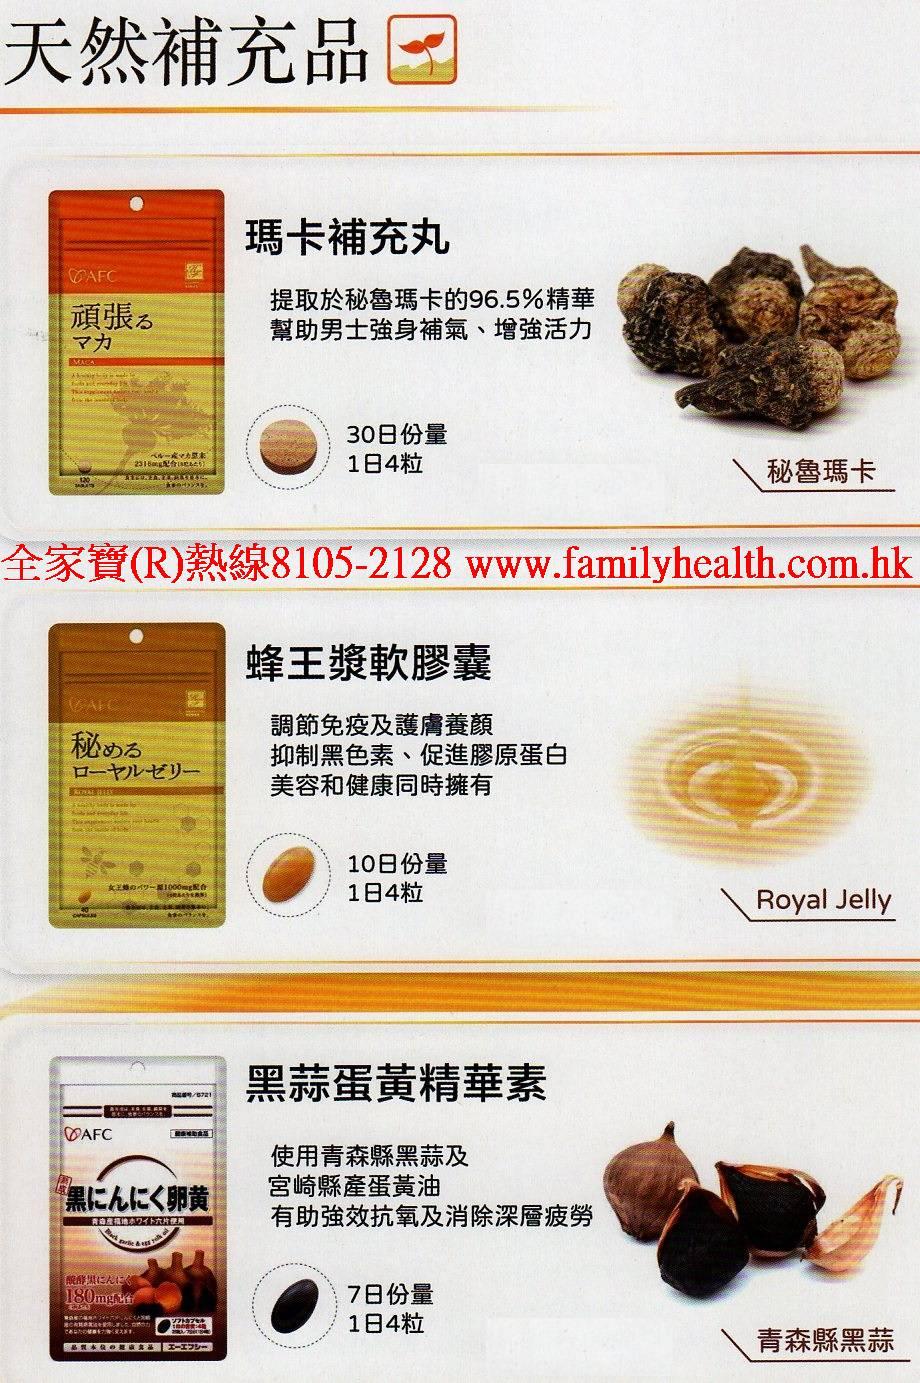 http://www.familyhealth.com.hk/files/full/1236_3.jpg